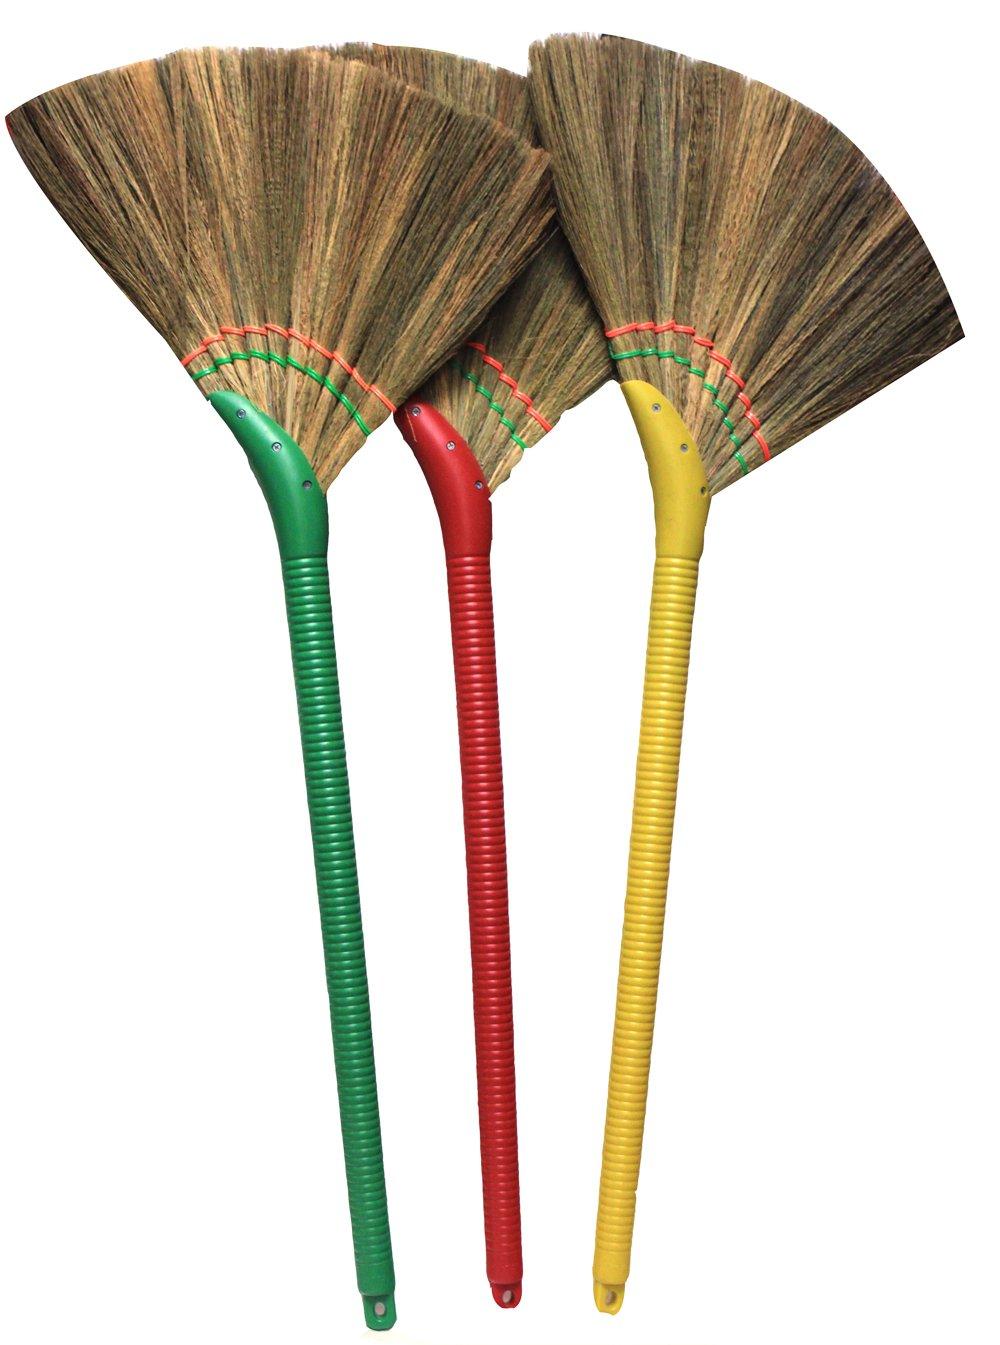 掃把Choi Bong Co Vietnam Hand Made Straw Soft Broom with Plastic Handle 12'' Head Width, 40'' Overall Length -1pc